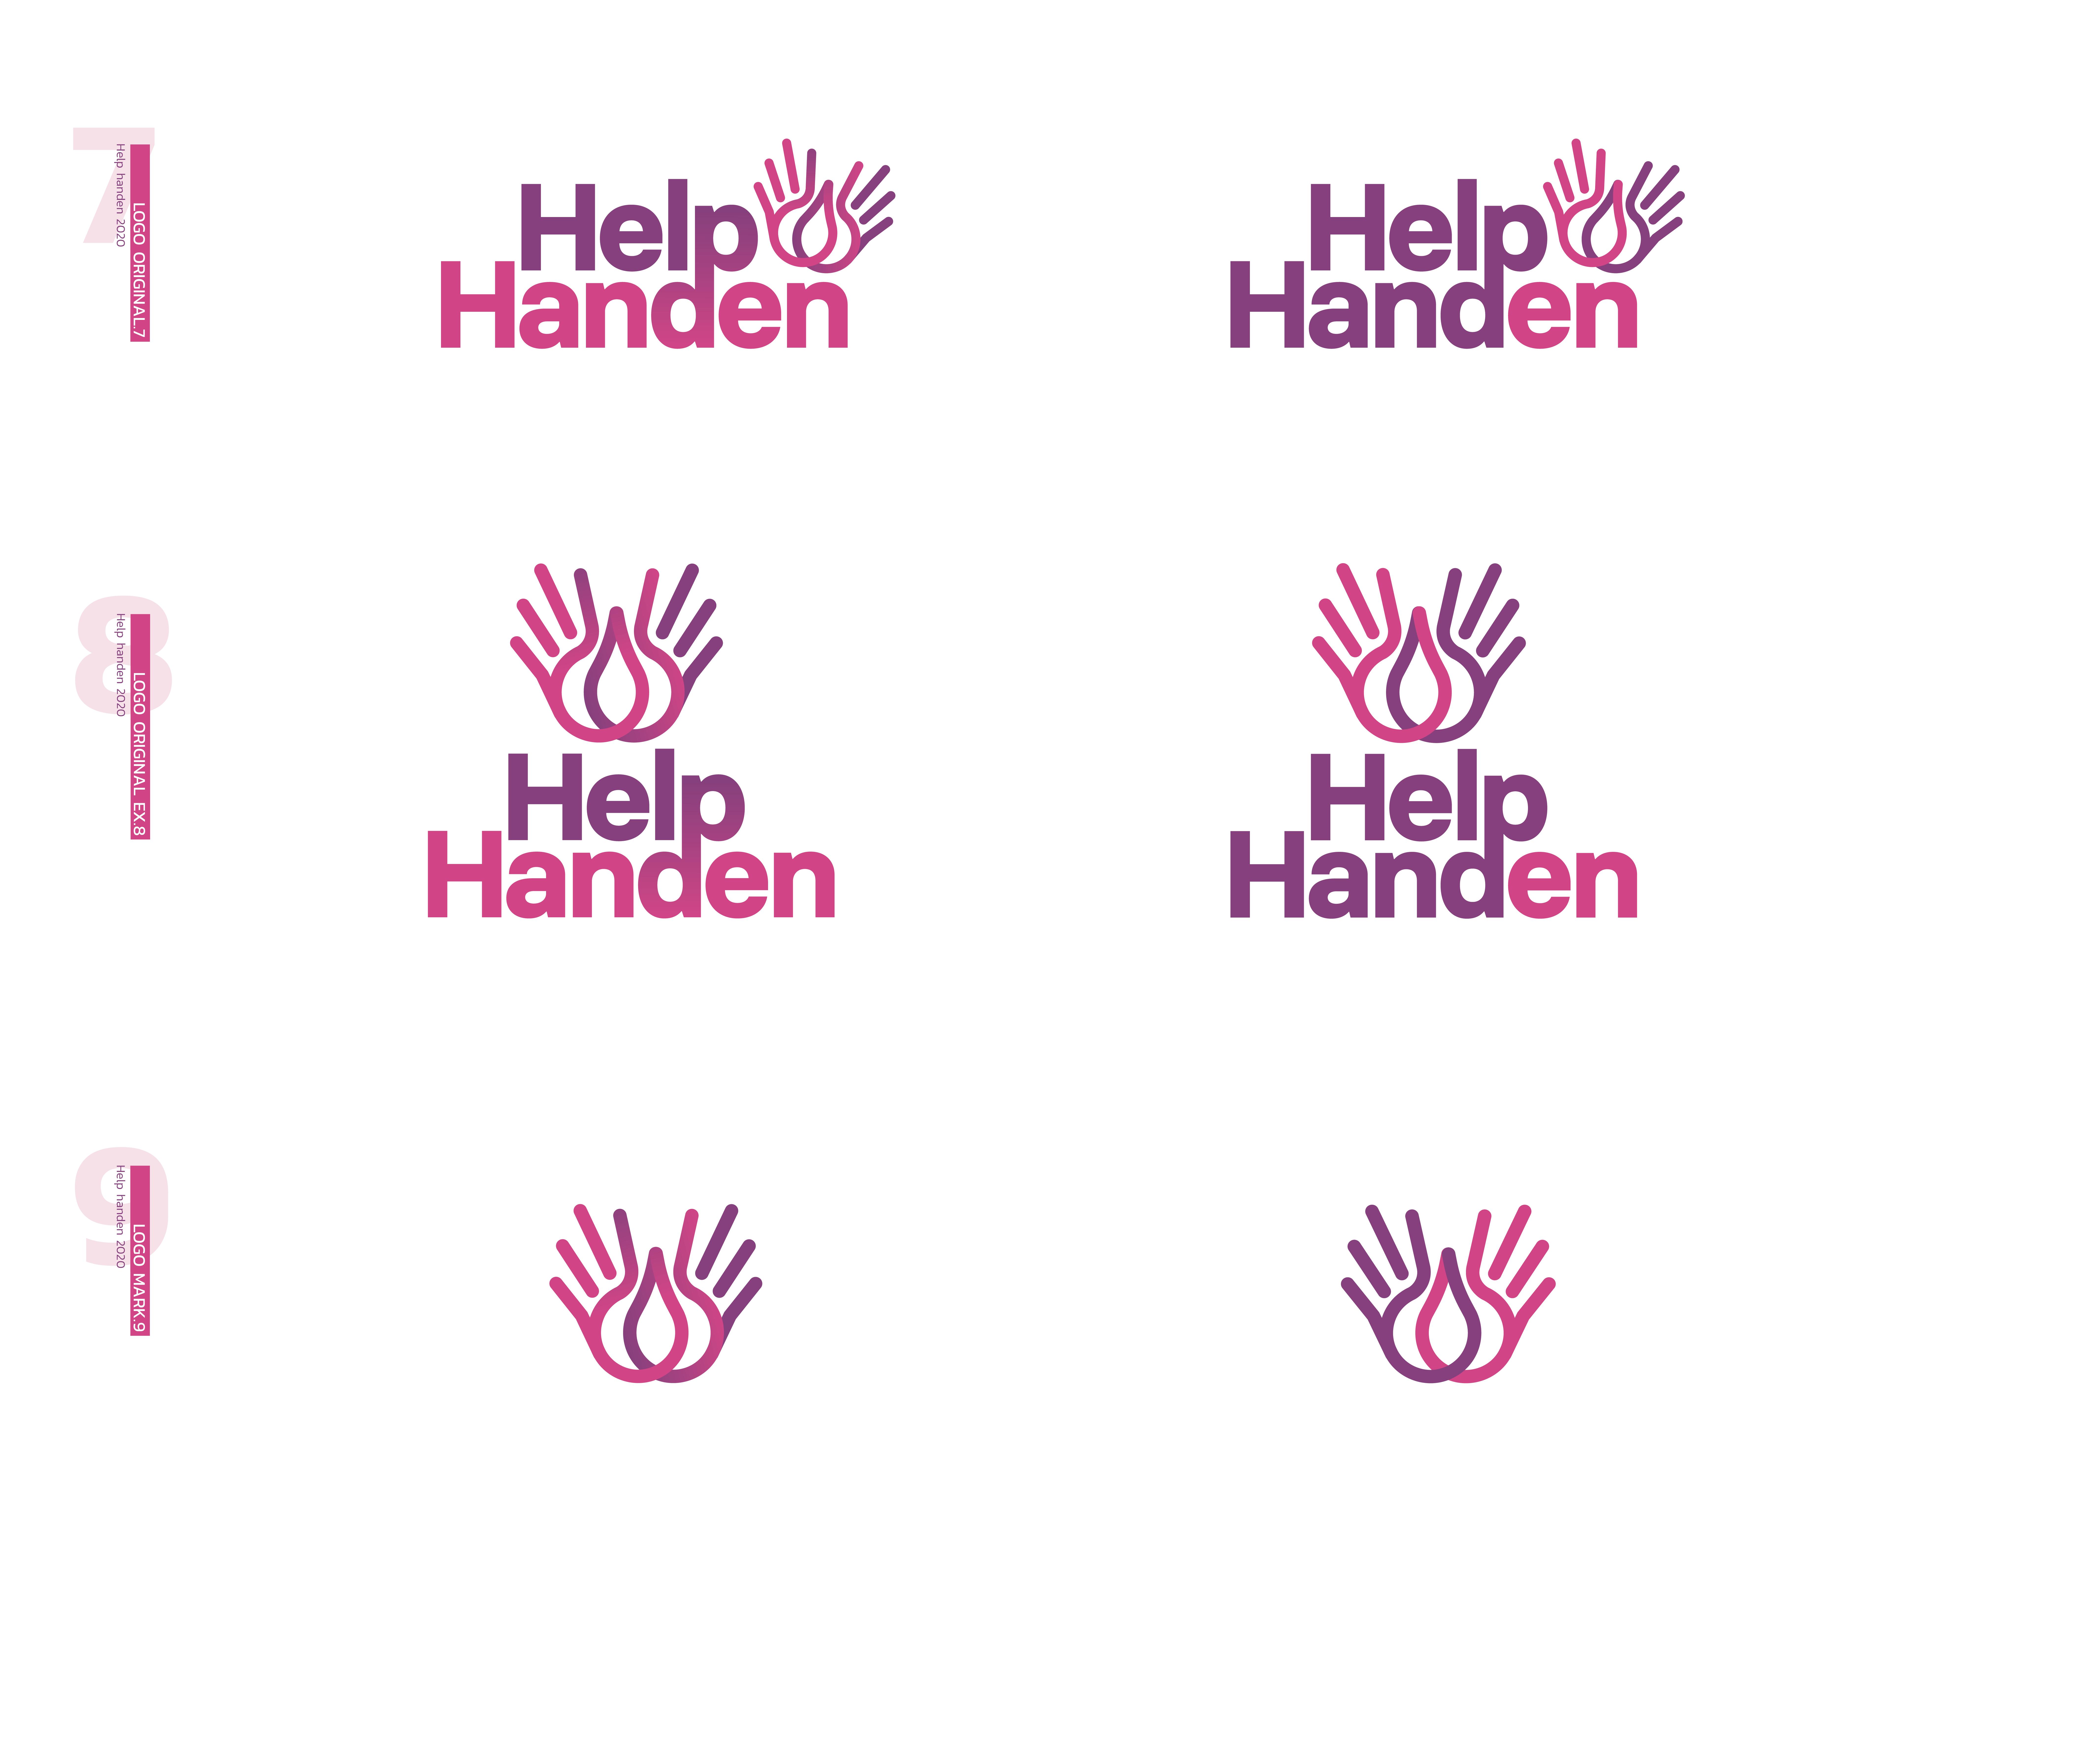 Help handen Branding